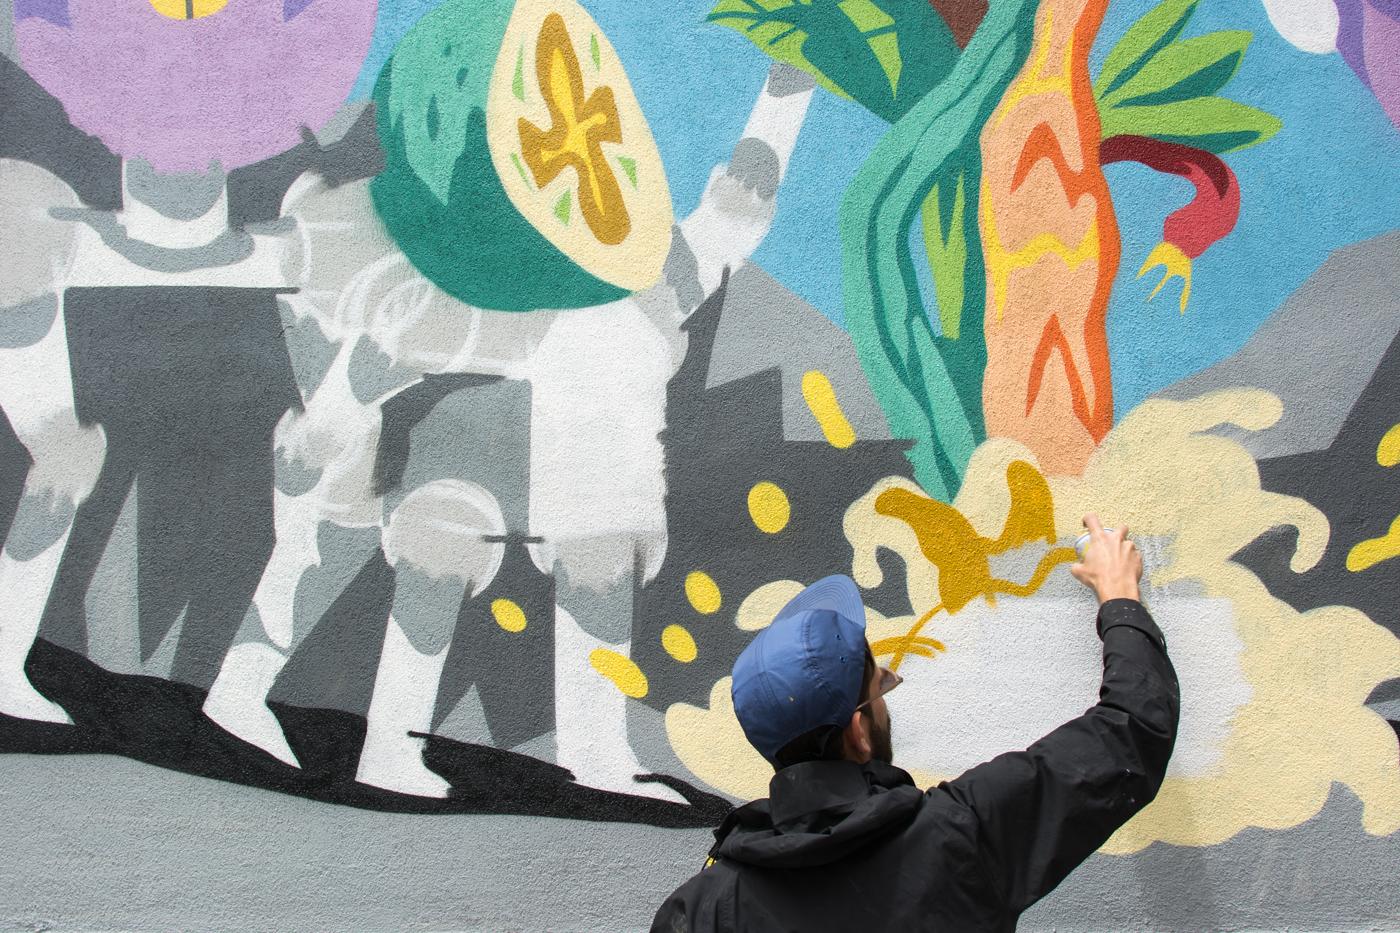 Koctel - MurosTabacalera by Guillermo de la Madrid - Madrid Street Art Project -026.jpg